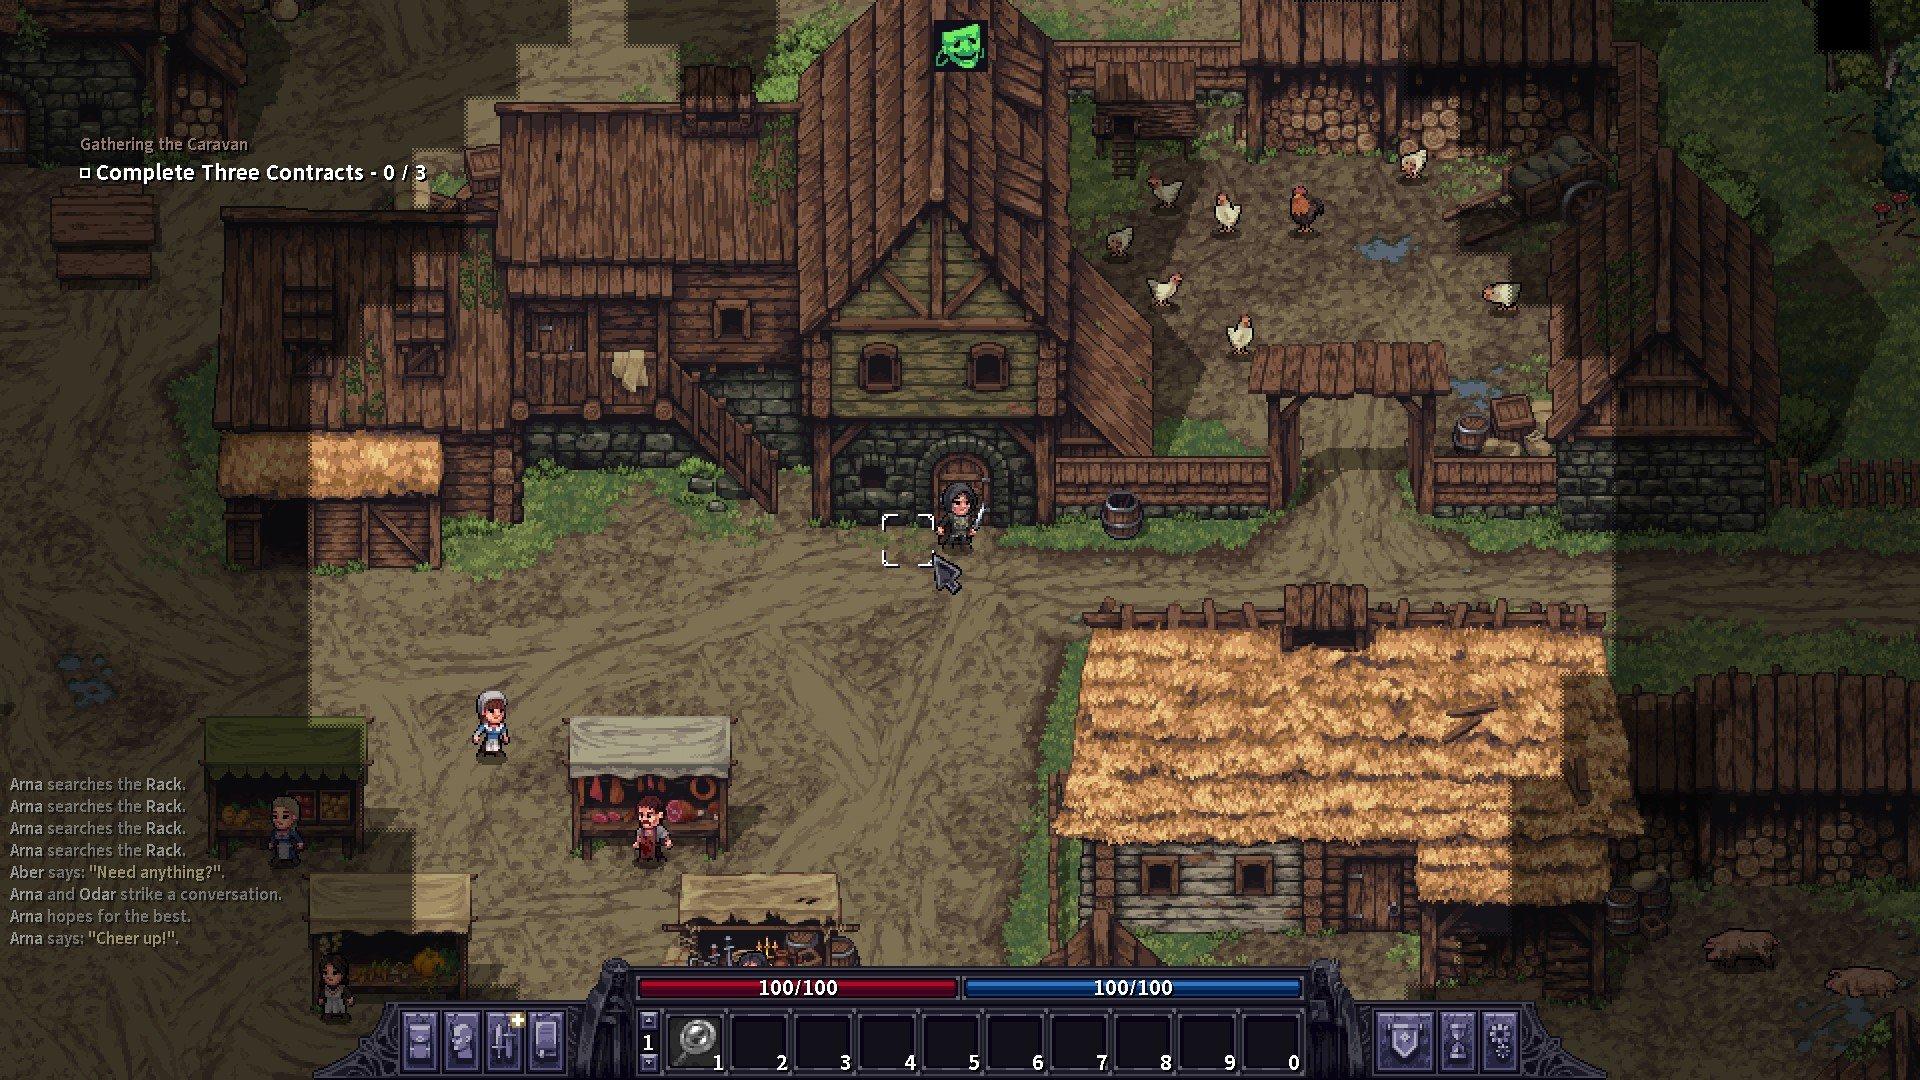 stoneshard find the elder odar building